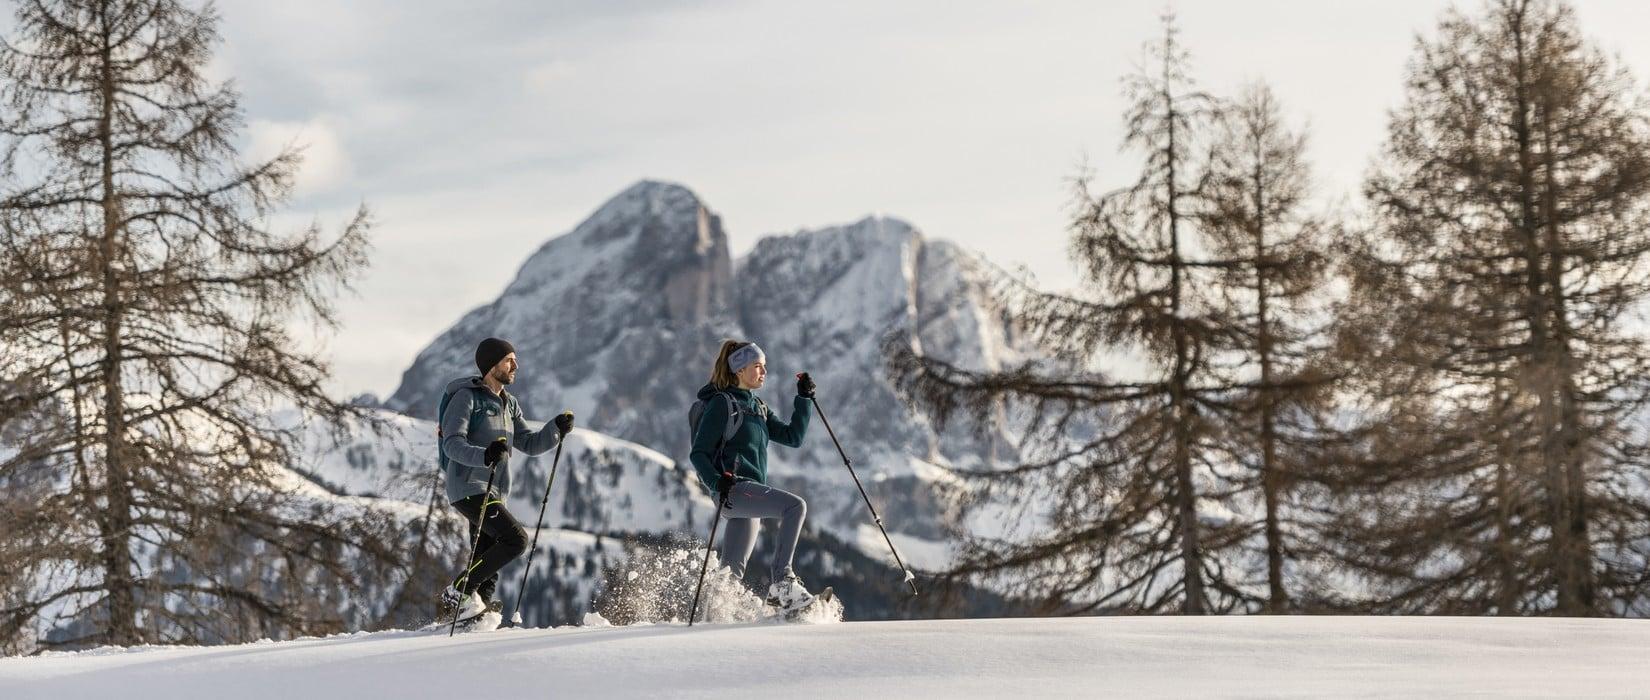 Magia d'inverno in Alto Adige: Vivi l'incanto delle montagne innevate!